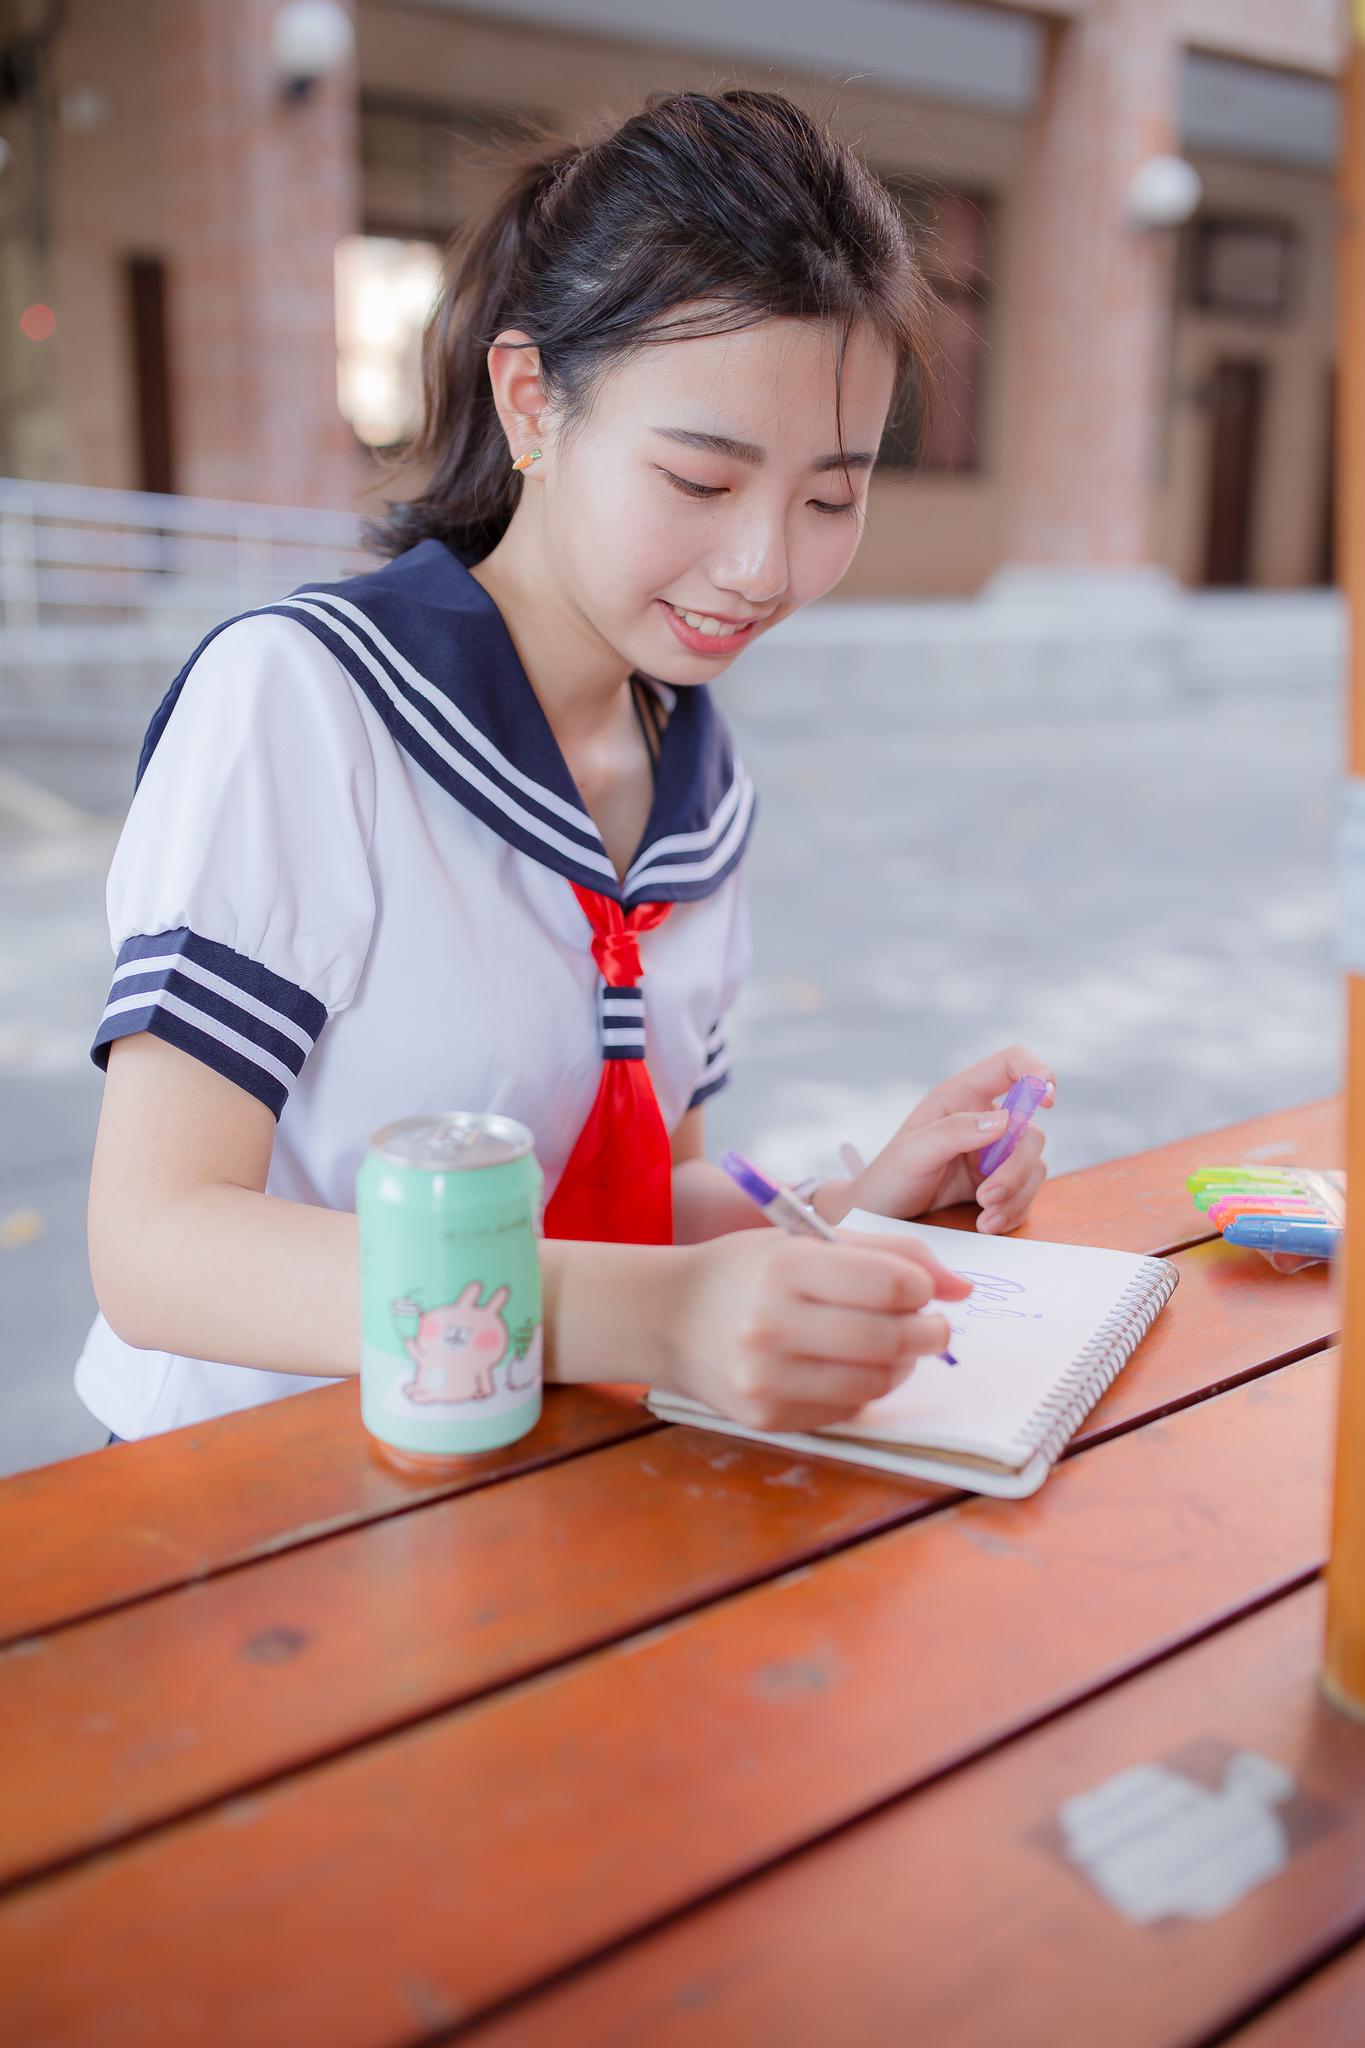 ★制服女生……[春意阑珊  刘佩珊 117p]……第226辑